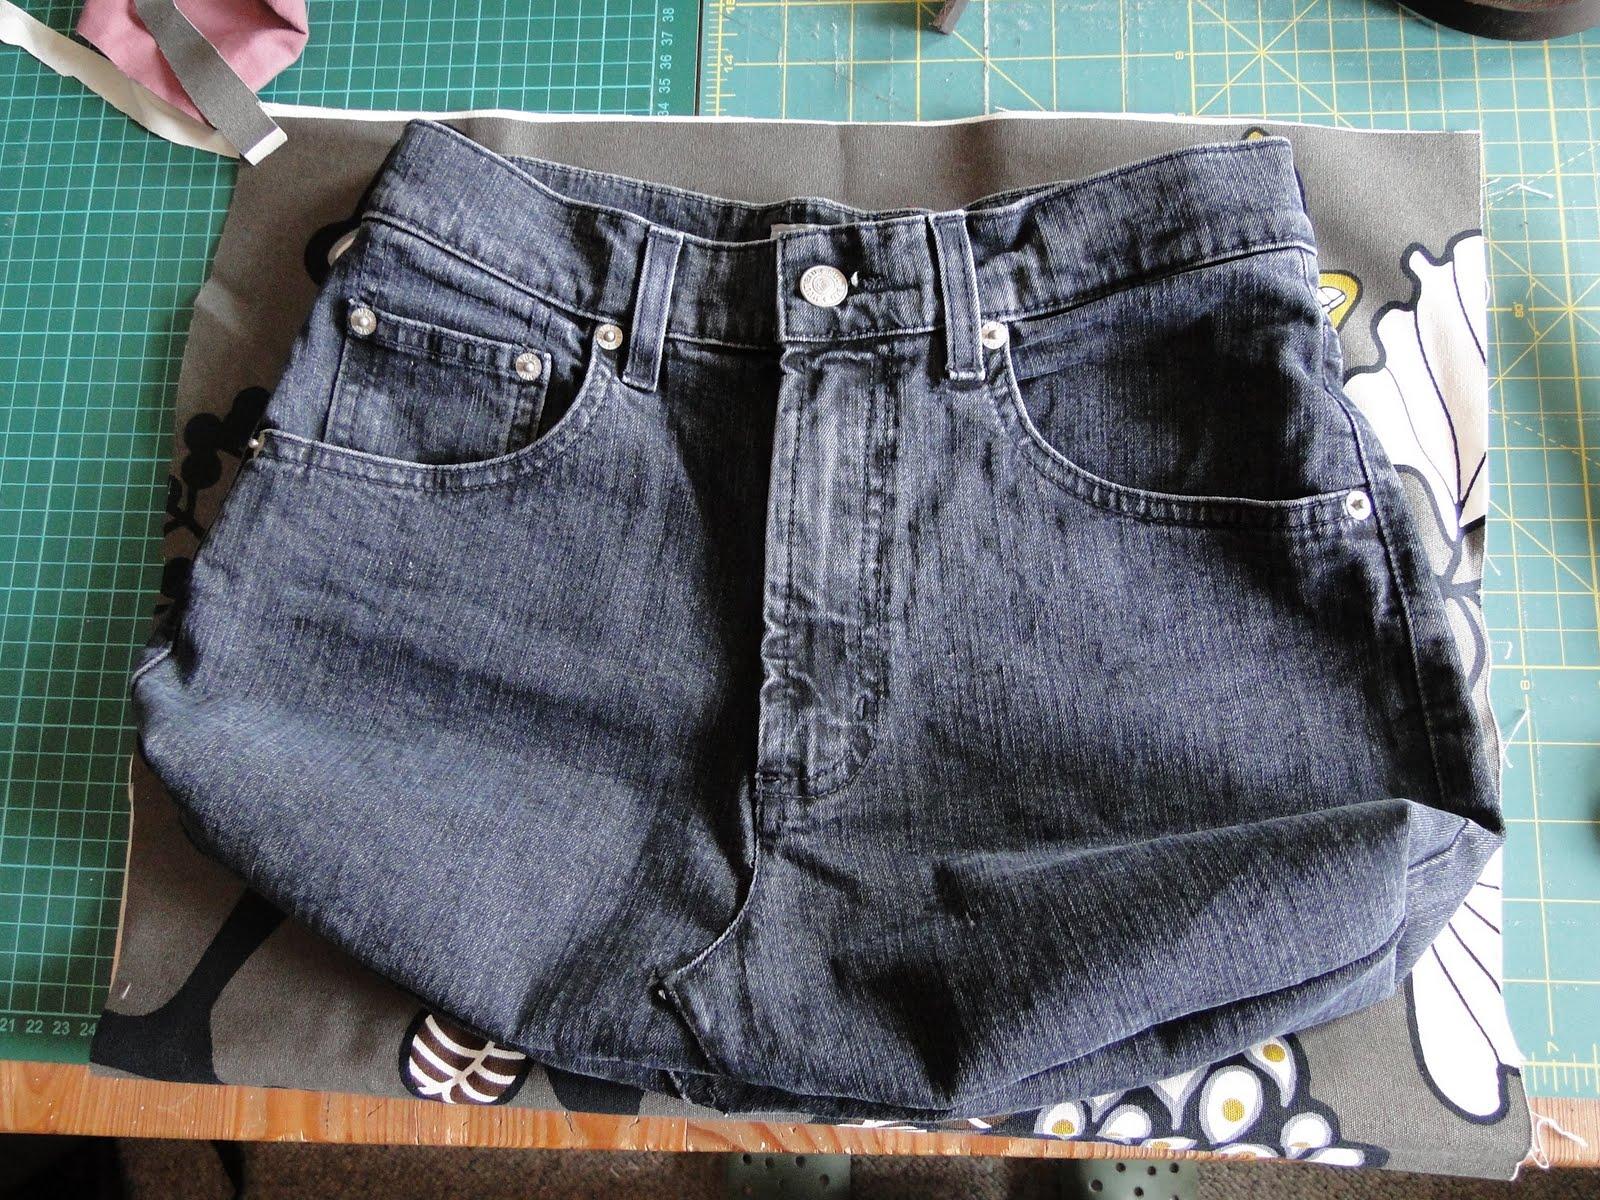 tinistaschen tasche aus alter jeans tutorial. Black Bedroom Furniture Sets. Home Design Ideas